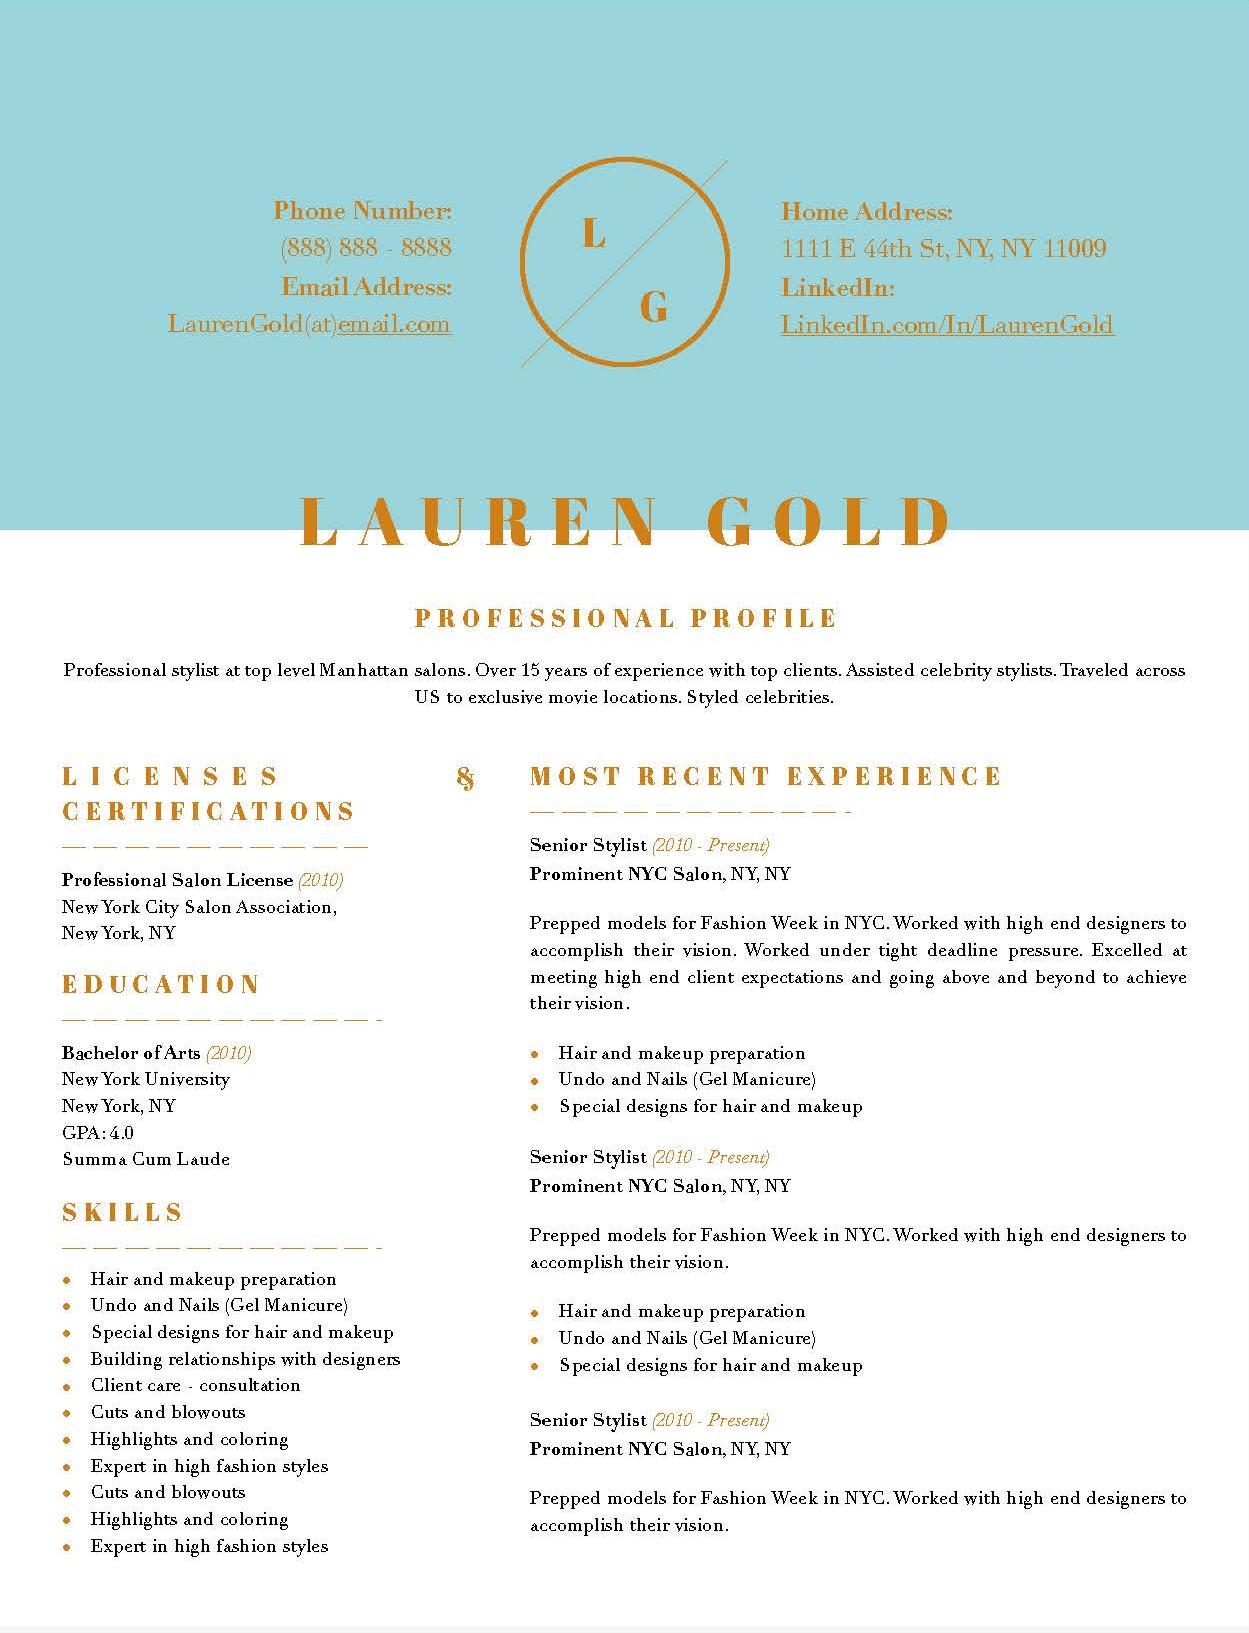 Lauren Gold - 12-15 Best Creative Resume Templates of 2018